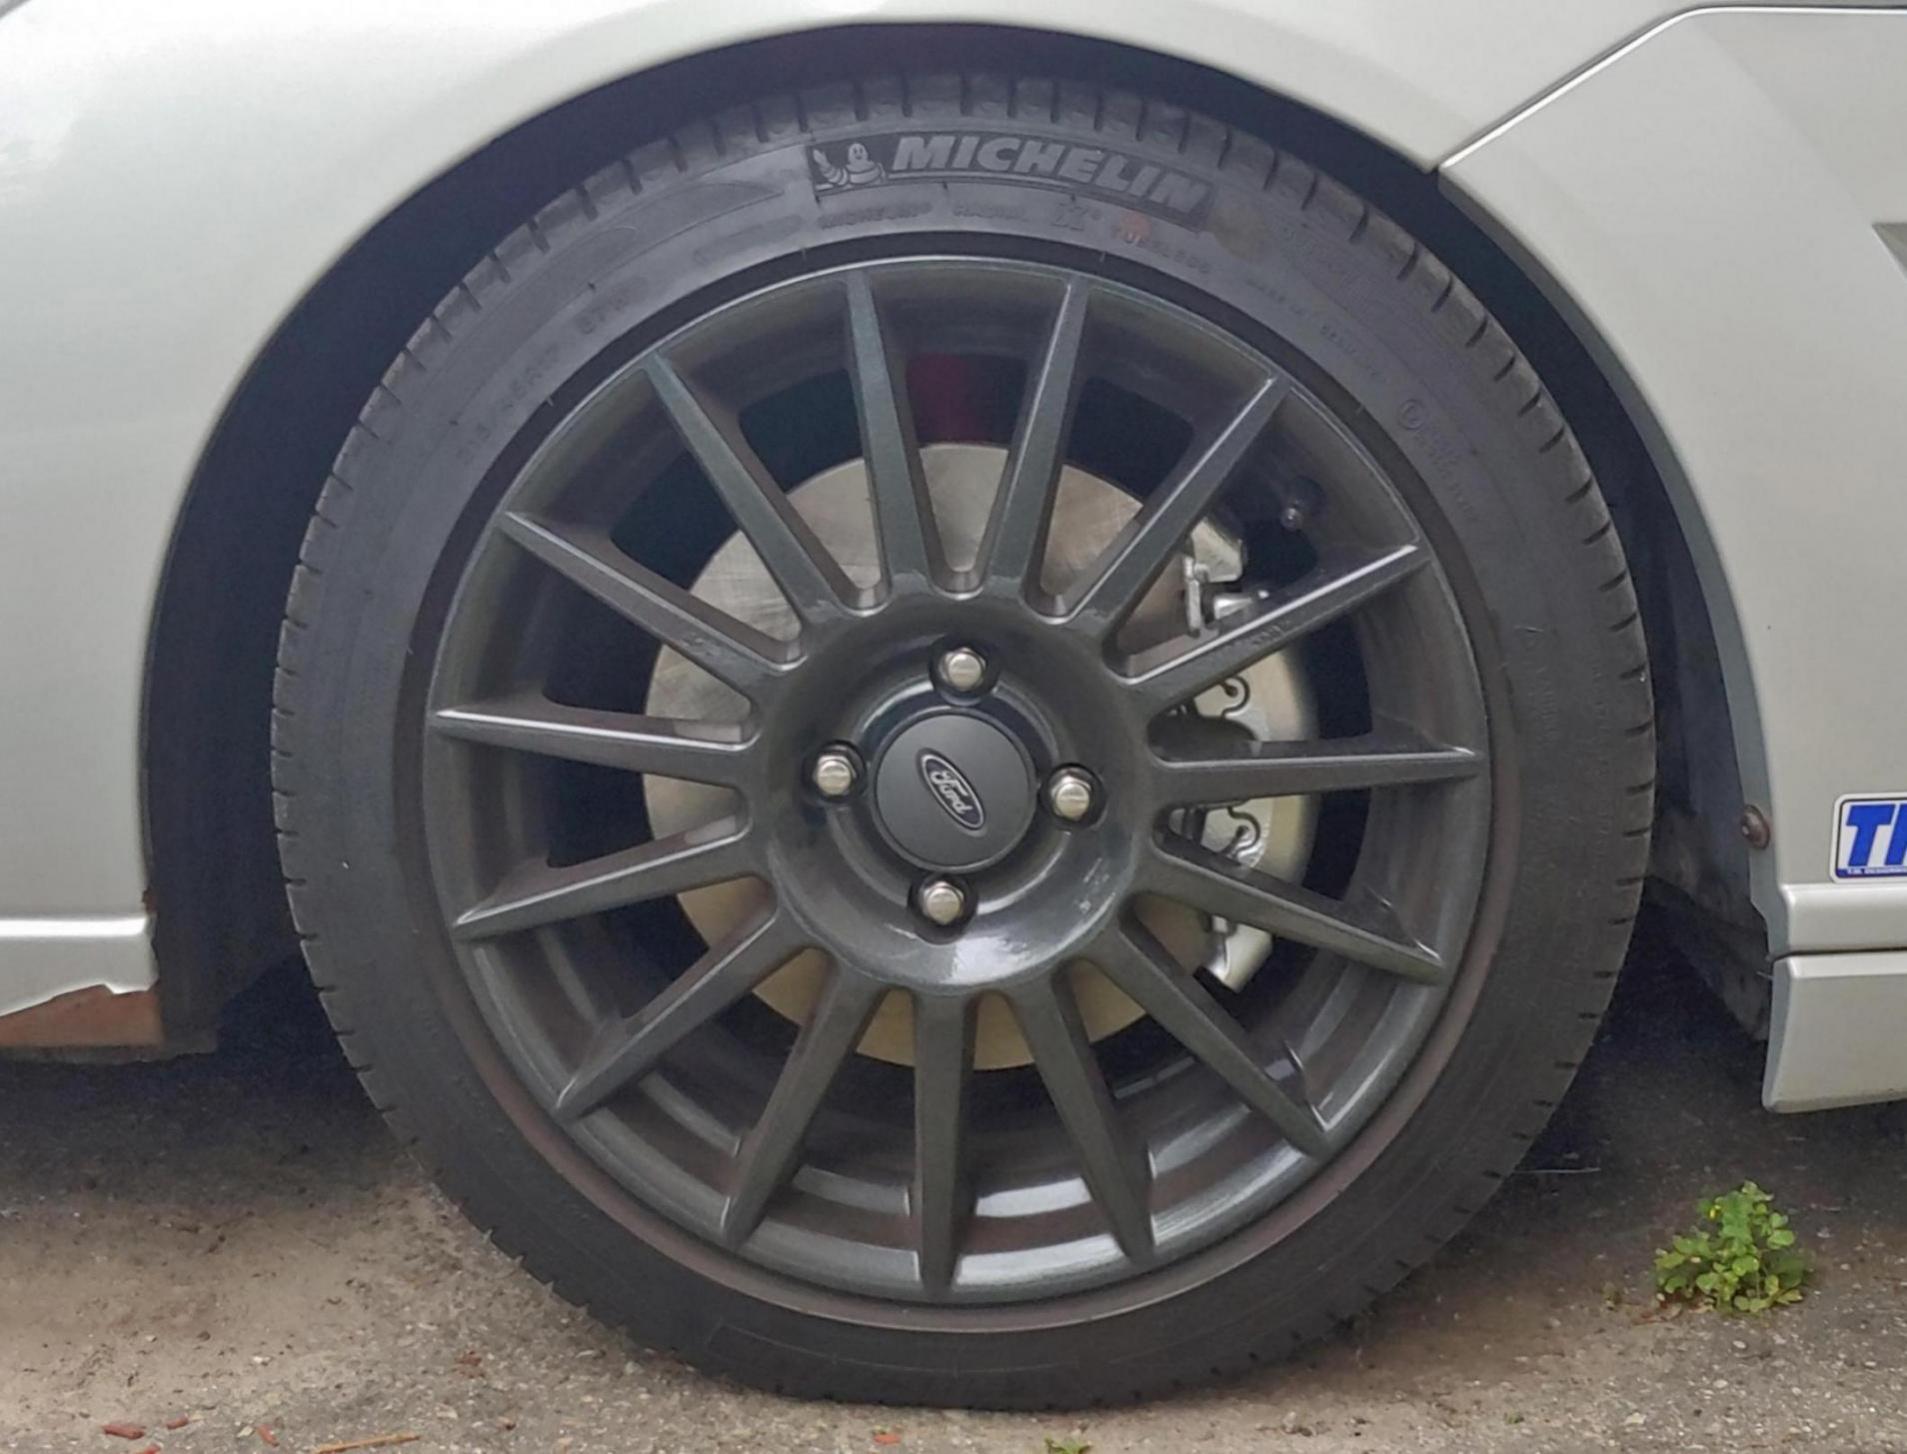 Mazda 3 brakes-20190812_074421_hdr_1565616683787.jpg